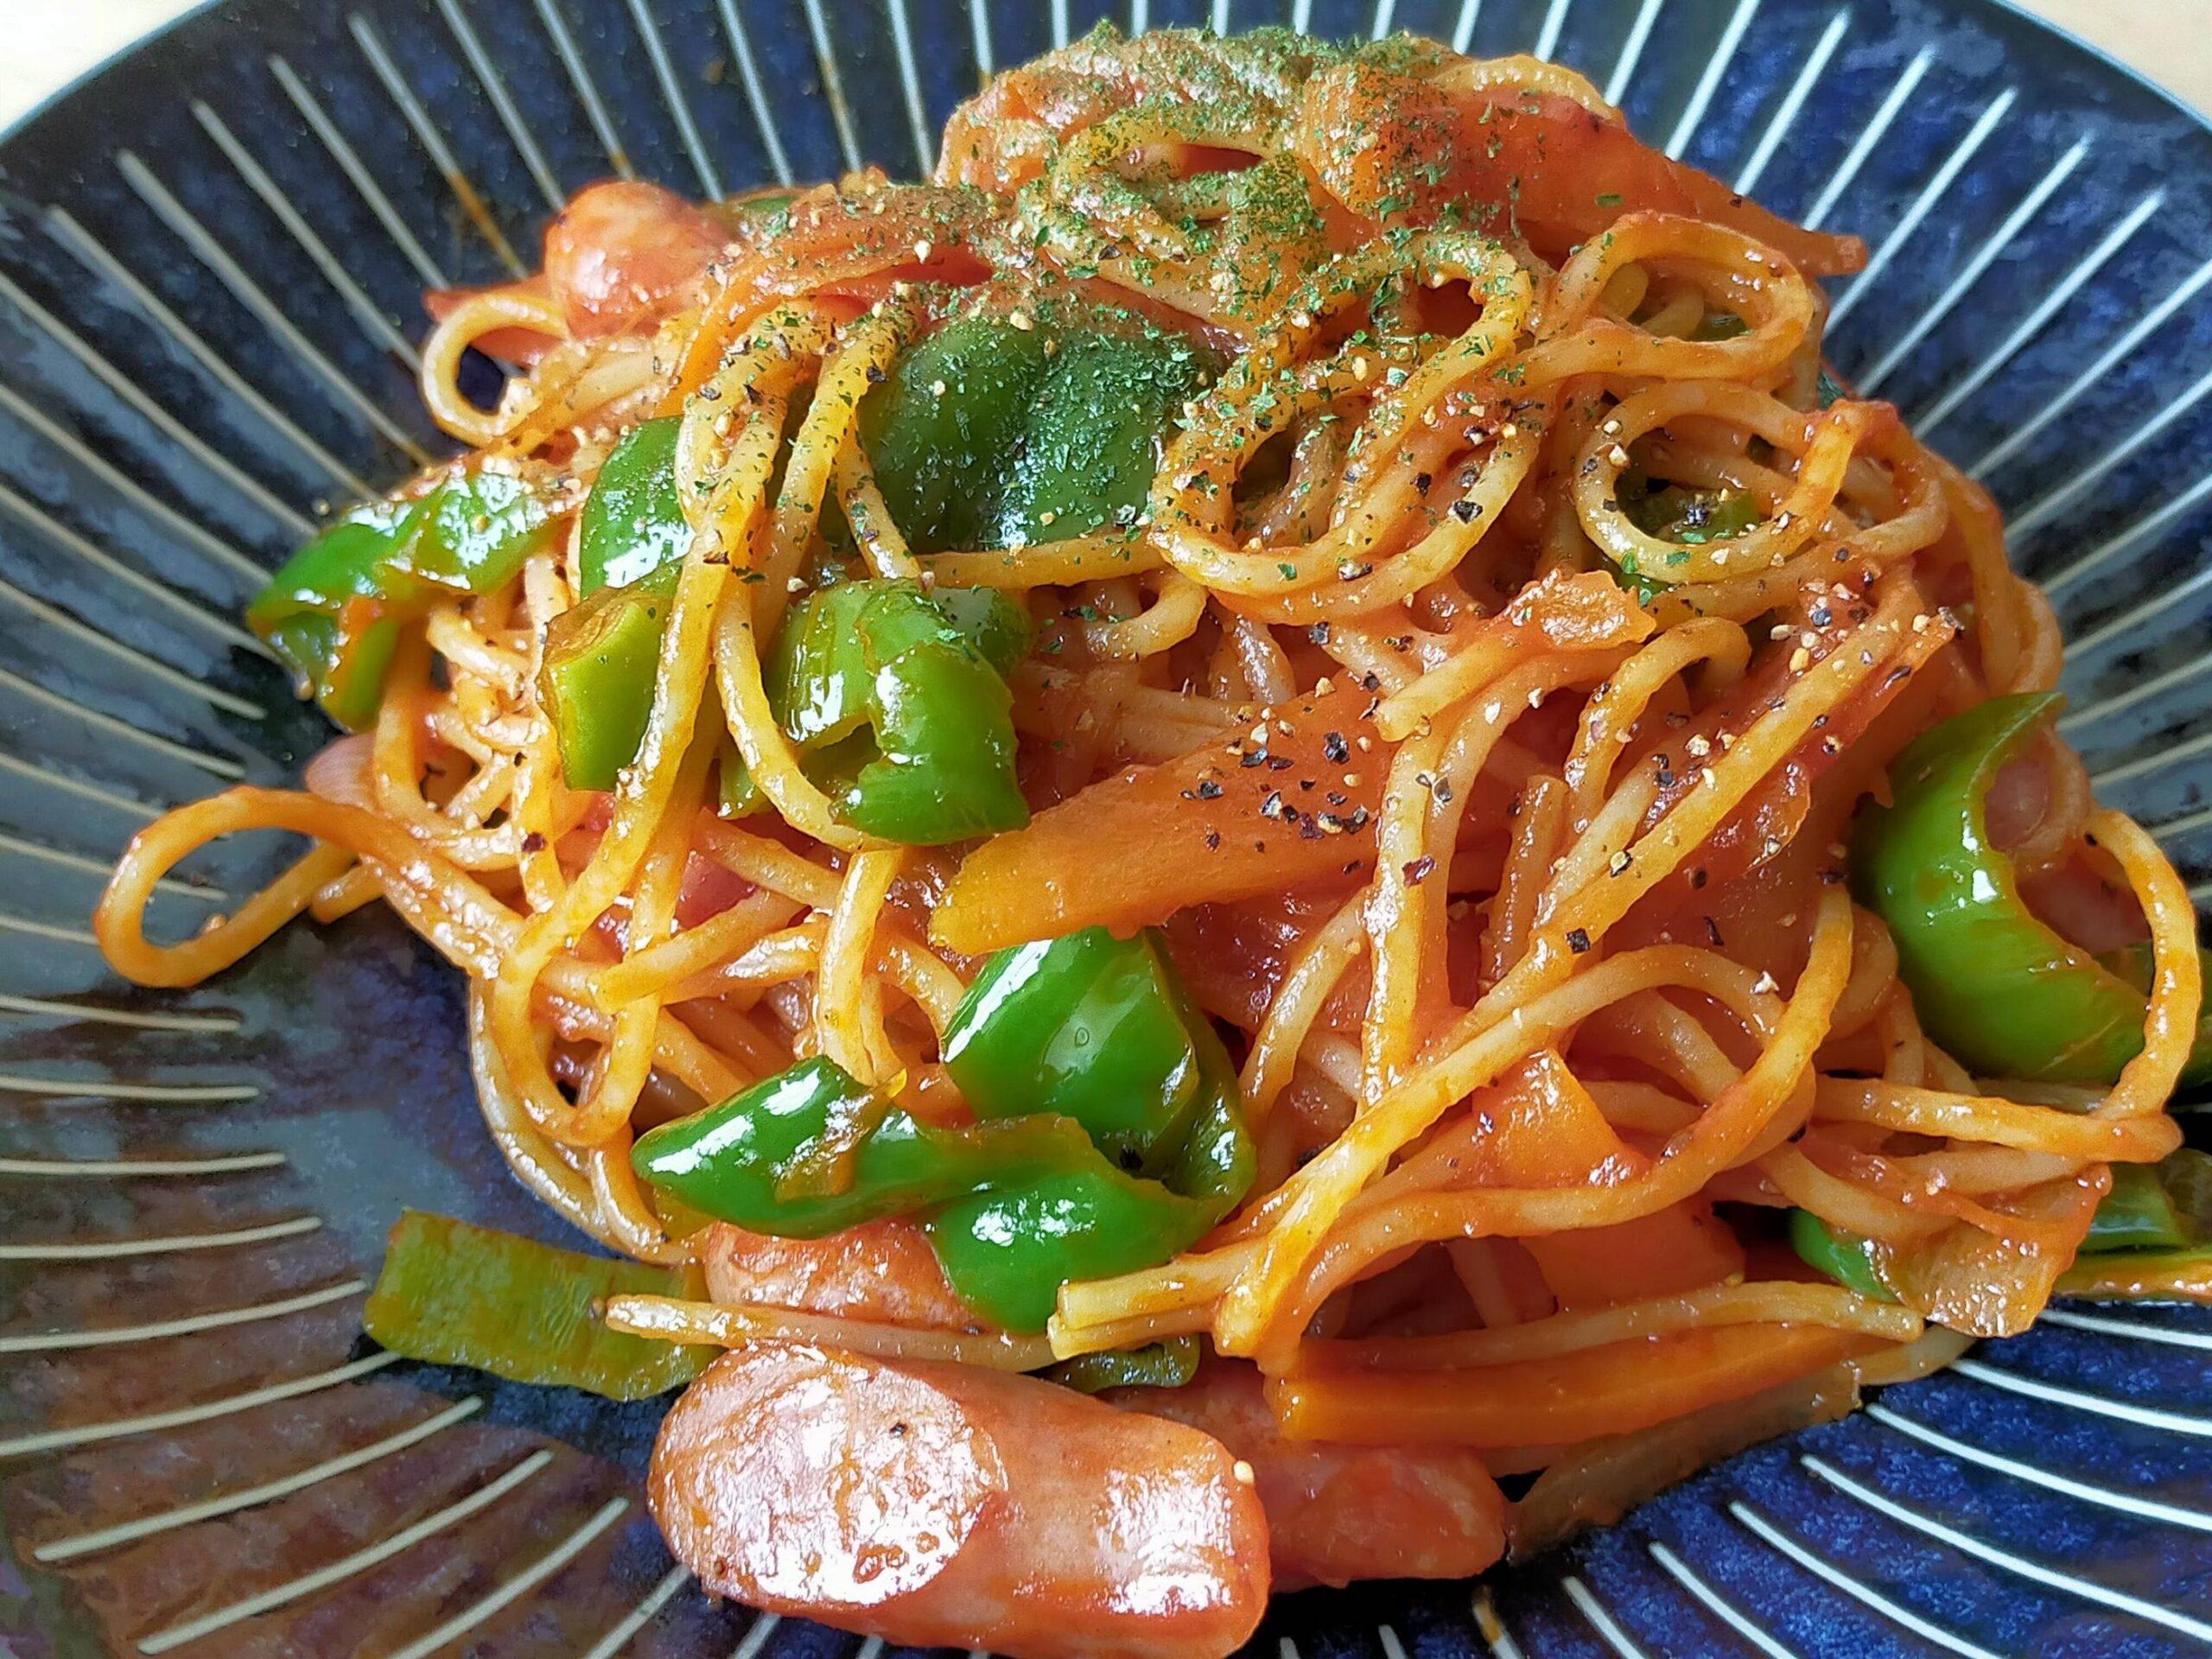 【画像】ぼくくん、昼食においしそうすぎる「スパゲティ・ナポリタン」を作ってしまうwwwwwwwwwwwwww